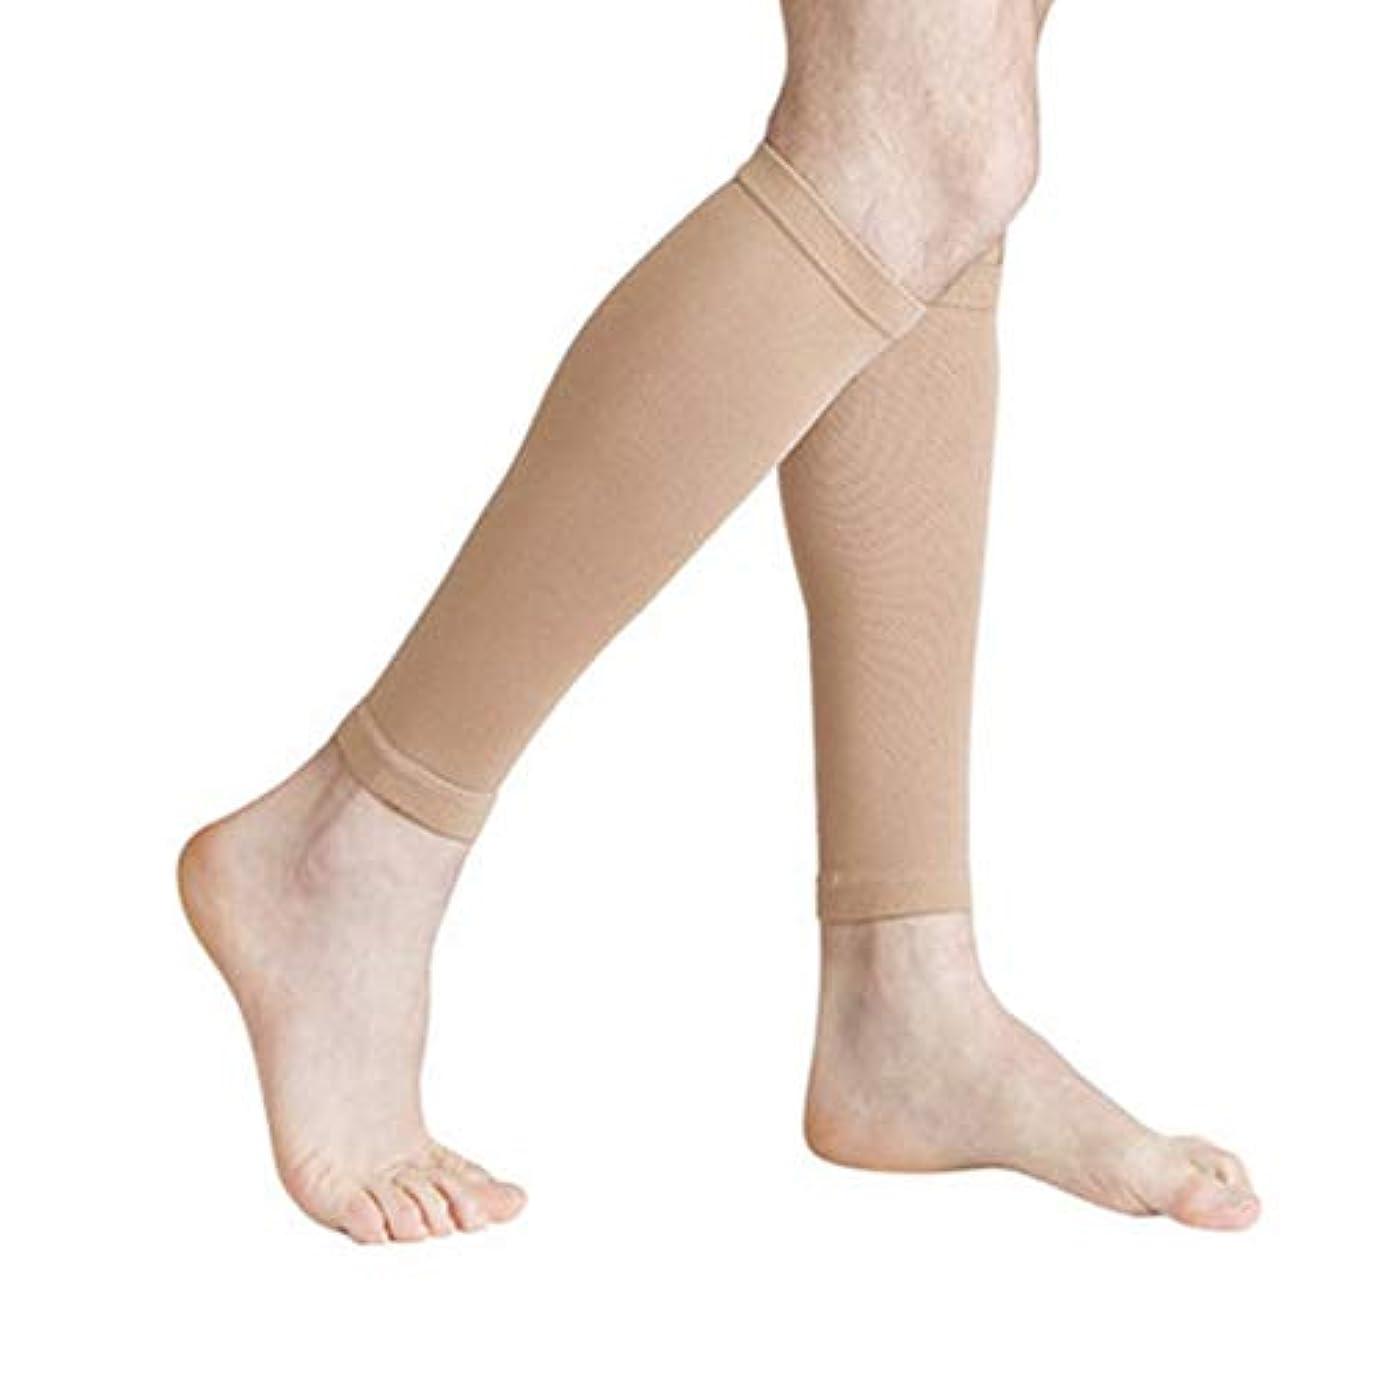 一月散歩危機丈夫な男性女性プロの圧縮靴下通気性のある旅行活動看護師用シントスプリントフライトトラベル - 肌色